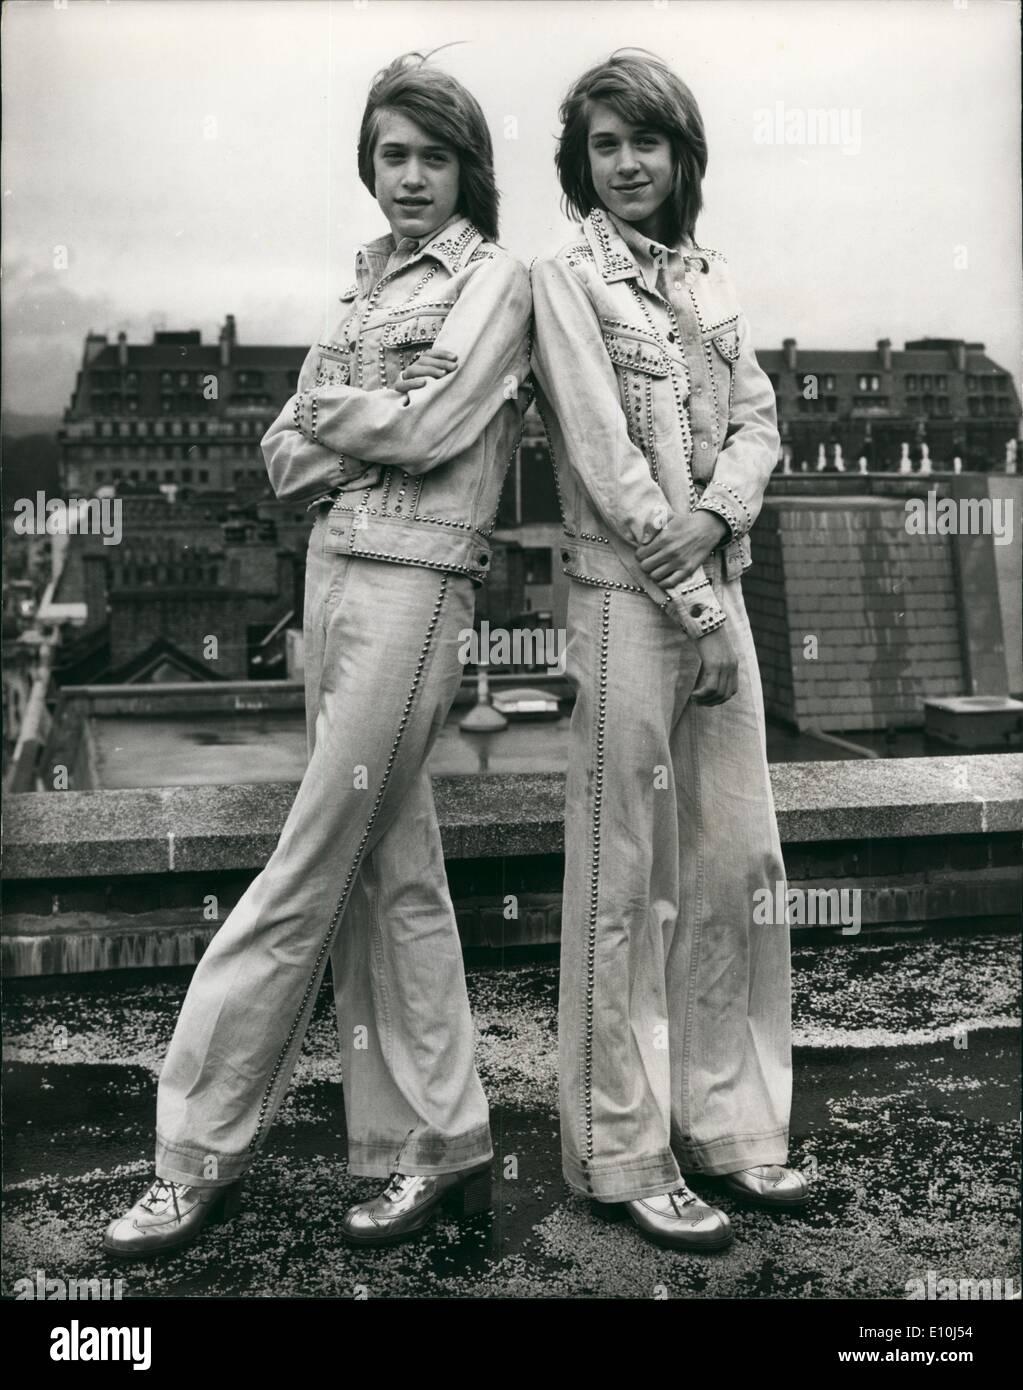 Marzo 03, 1973 - Los Gemelos Williams en Londres: Hubo una foto llamada hoy en Londres para dos nuevos jóvenes estrellas del pop- los gemelos de 14 años de edad, Andy y David Williams-Nephews del famoso cantante norteamericano, Andy Williams. los gemelos llegaron a Londres el domingo. La foto muestra a David (izquierda) y Andy Williams, los gemelos de 14 años, en la foto de hoy en Londres. Imagen De Stock